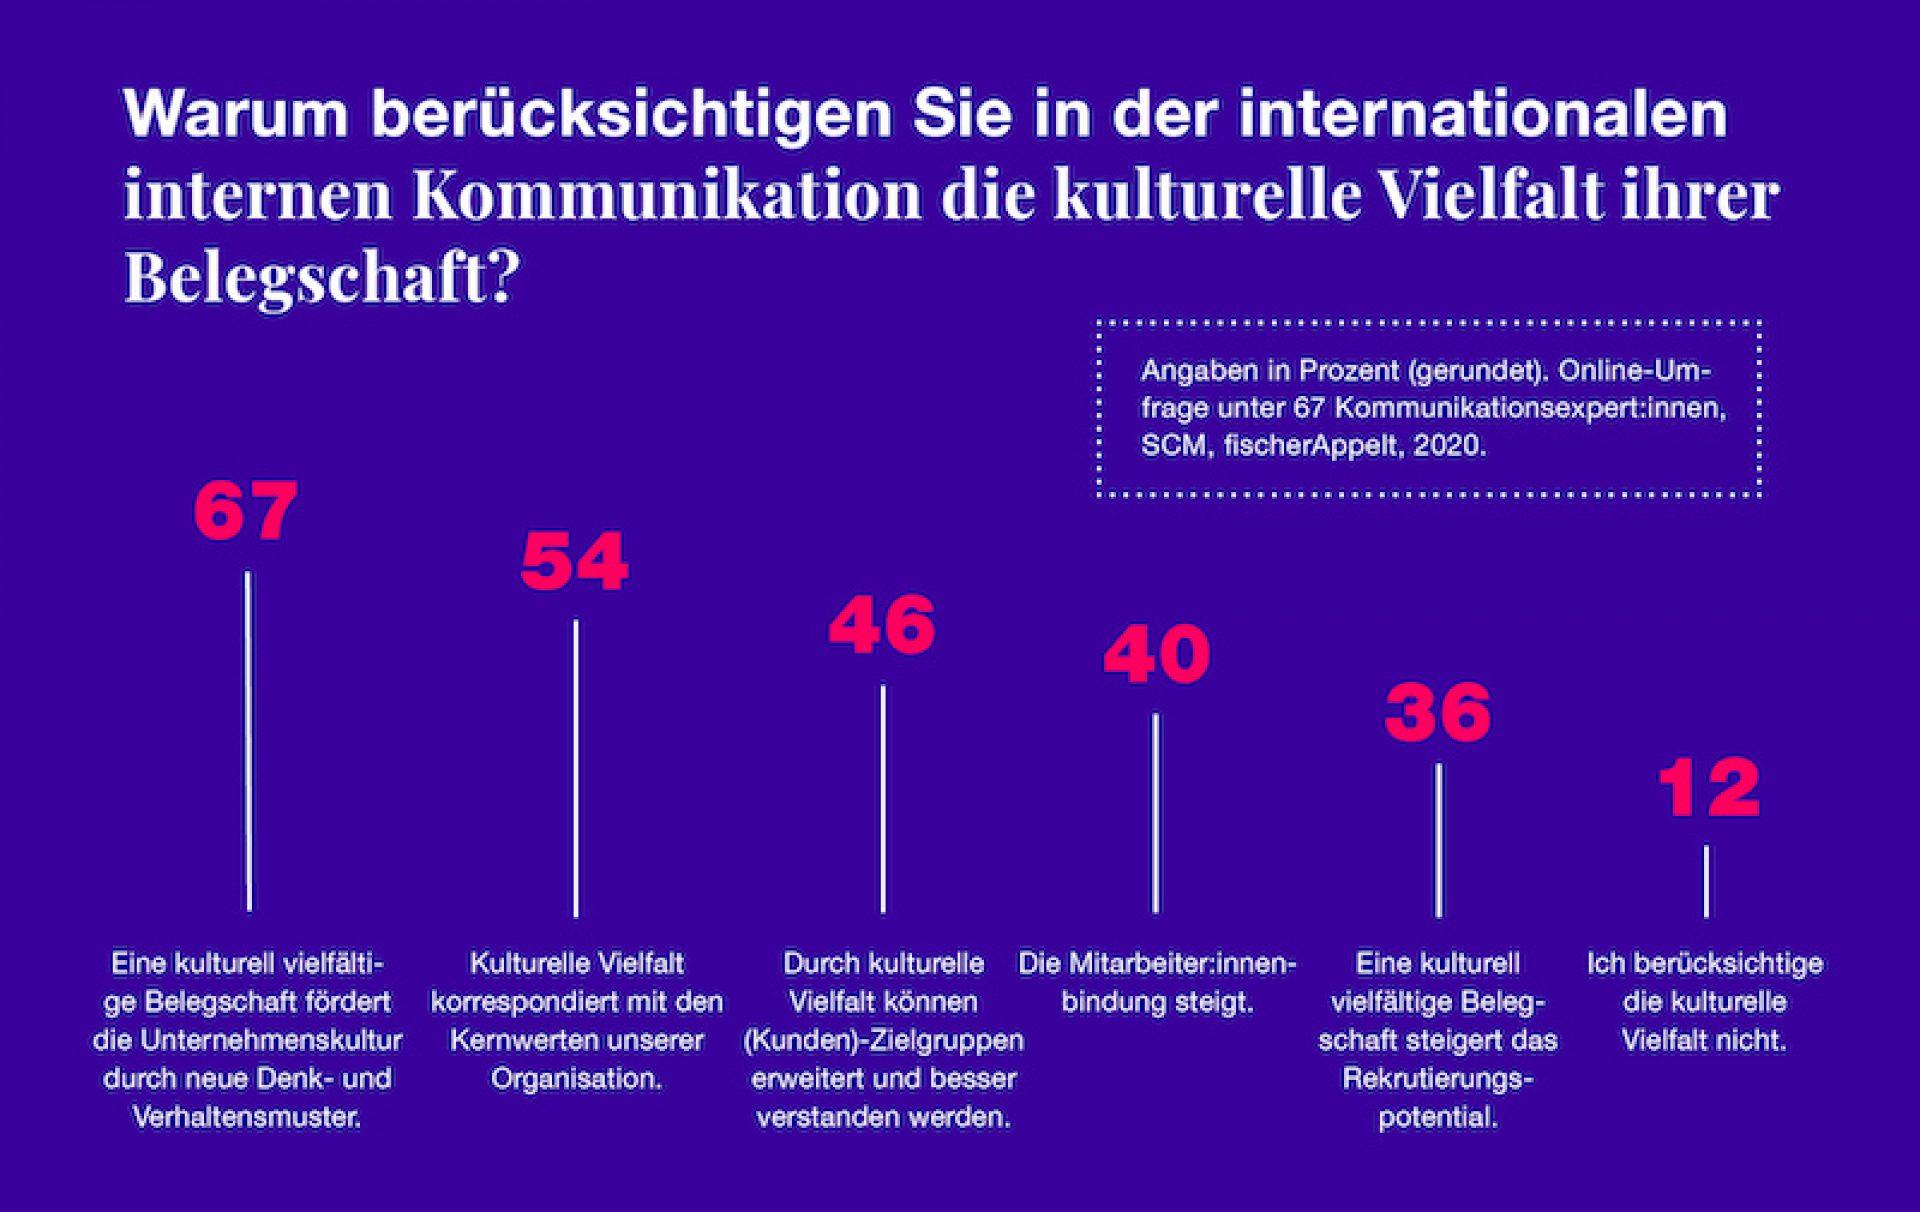 fischerAppelt Umfrage Internationale interkulturelle int Kommunikation Infografik